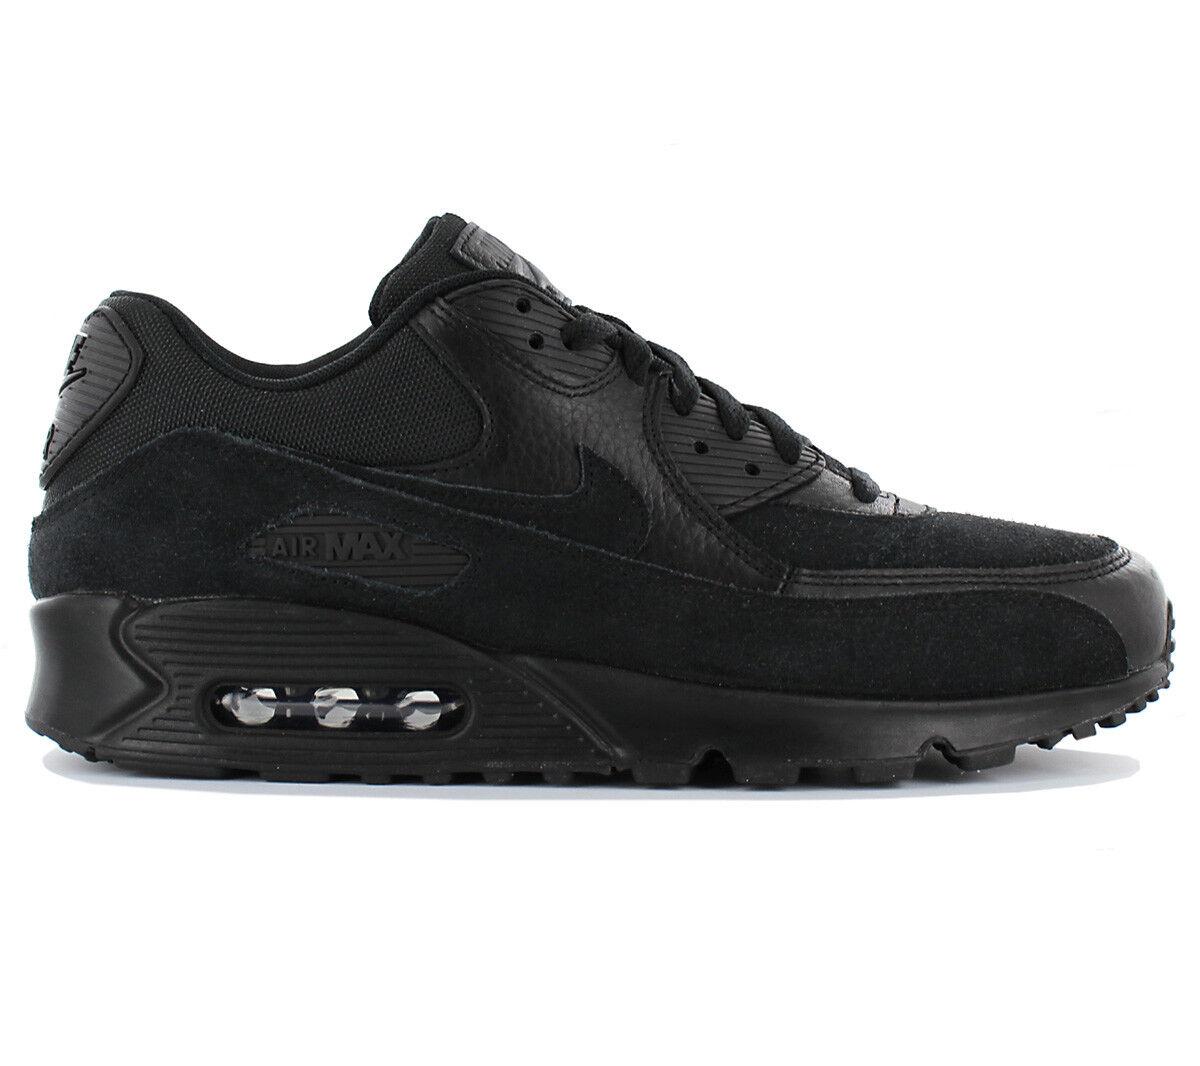 Nike Air Max 90 Leather Premium Herren Schuhe Turnschuhe Schwarz 700155-012 NEU